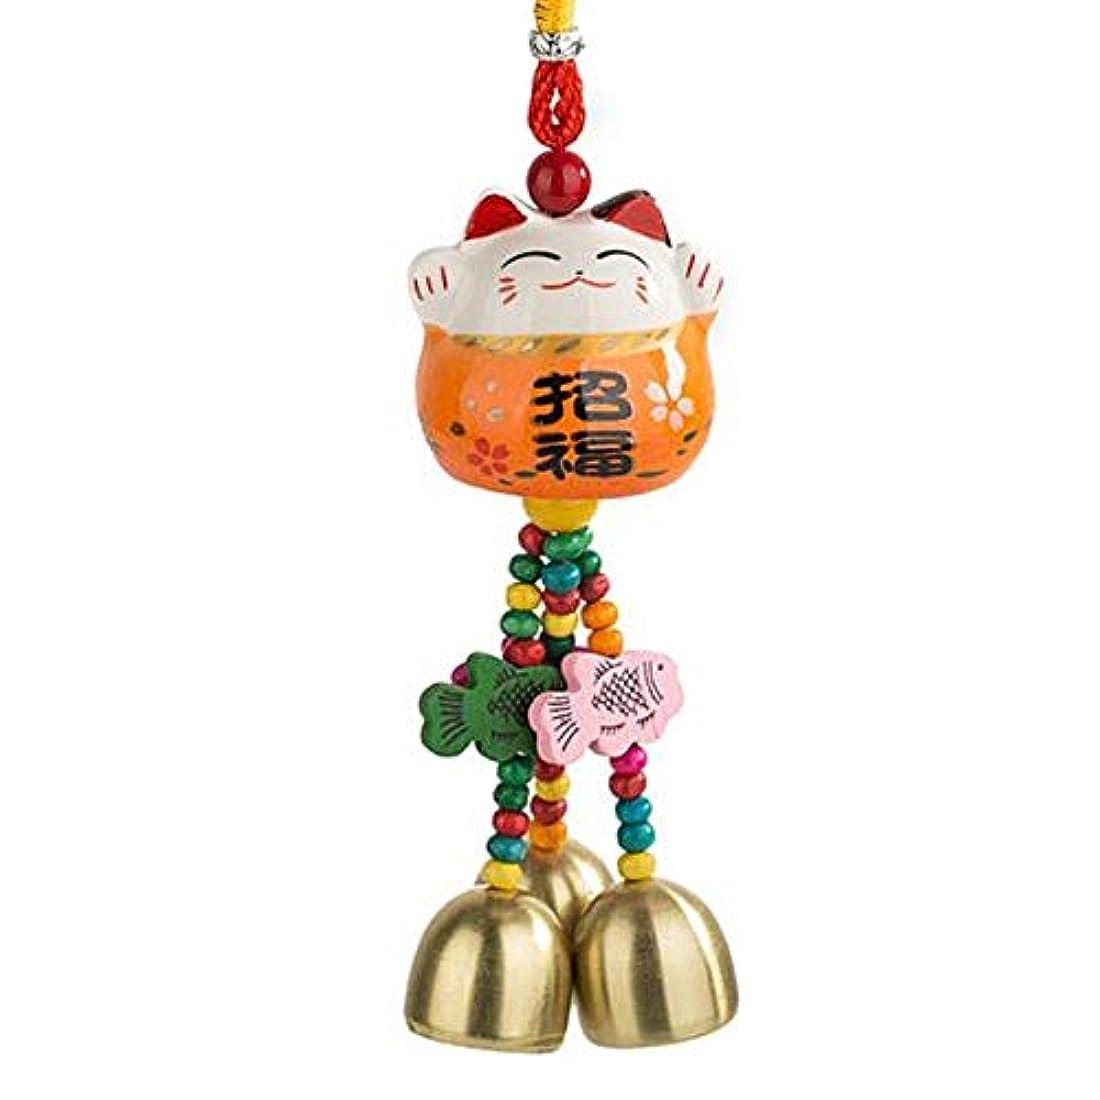 プレミア放棄された悲劇的なFengshangshanghang 風チャイム、かわいいクリエイティブセラミック猫風の鐘、オレンジ、ロング28センチメートル,家の装飾 (Color : Orange)